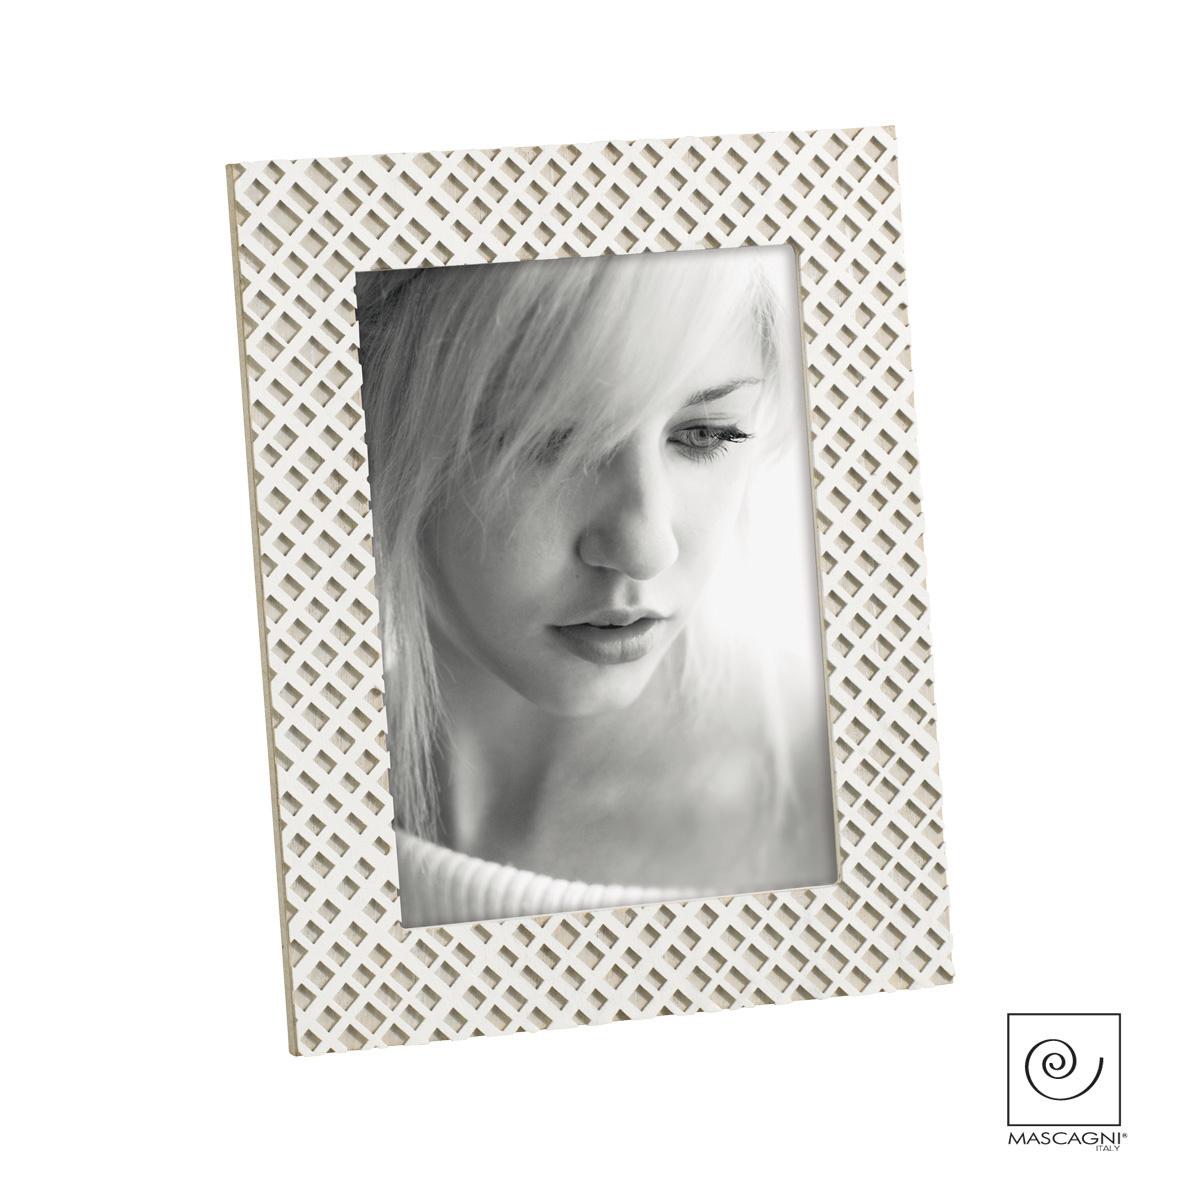 Art Mascagni A766B PHOTO FRAME 13X18 - COL. WHITE